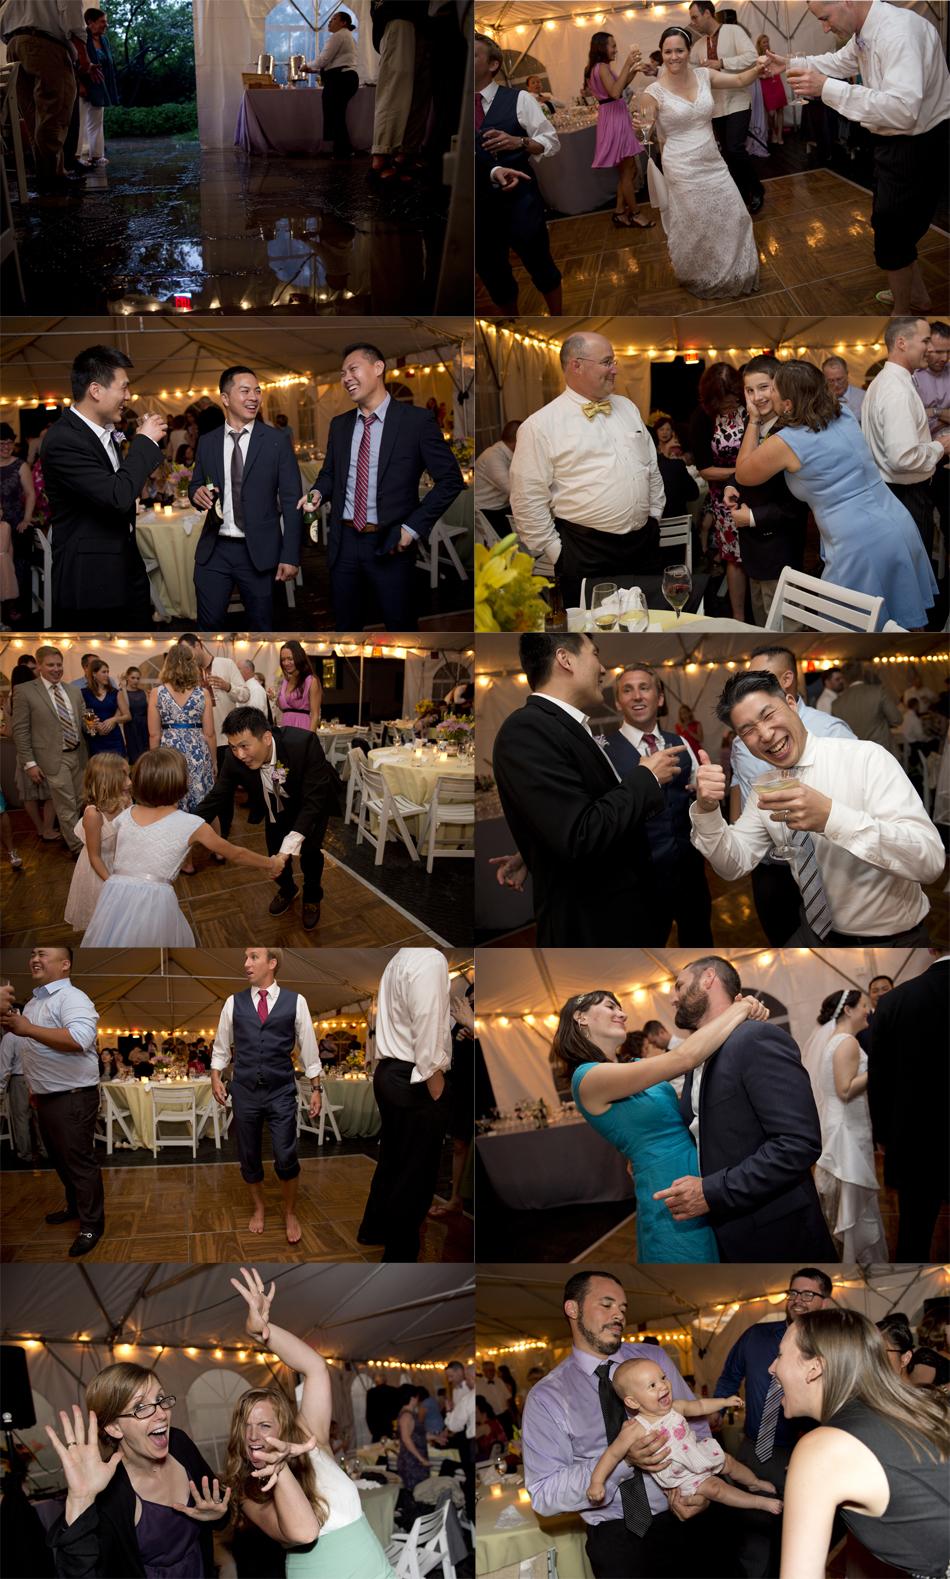 062715_WEDDING_Megan&Rich_538.jpg